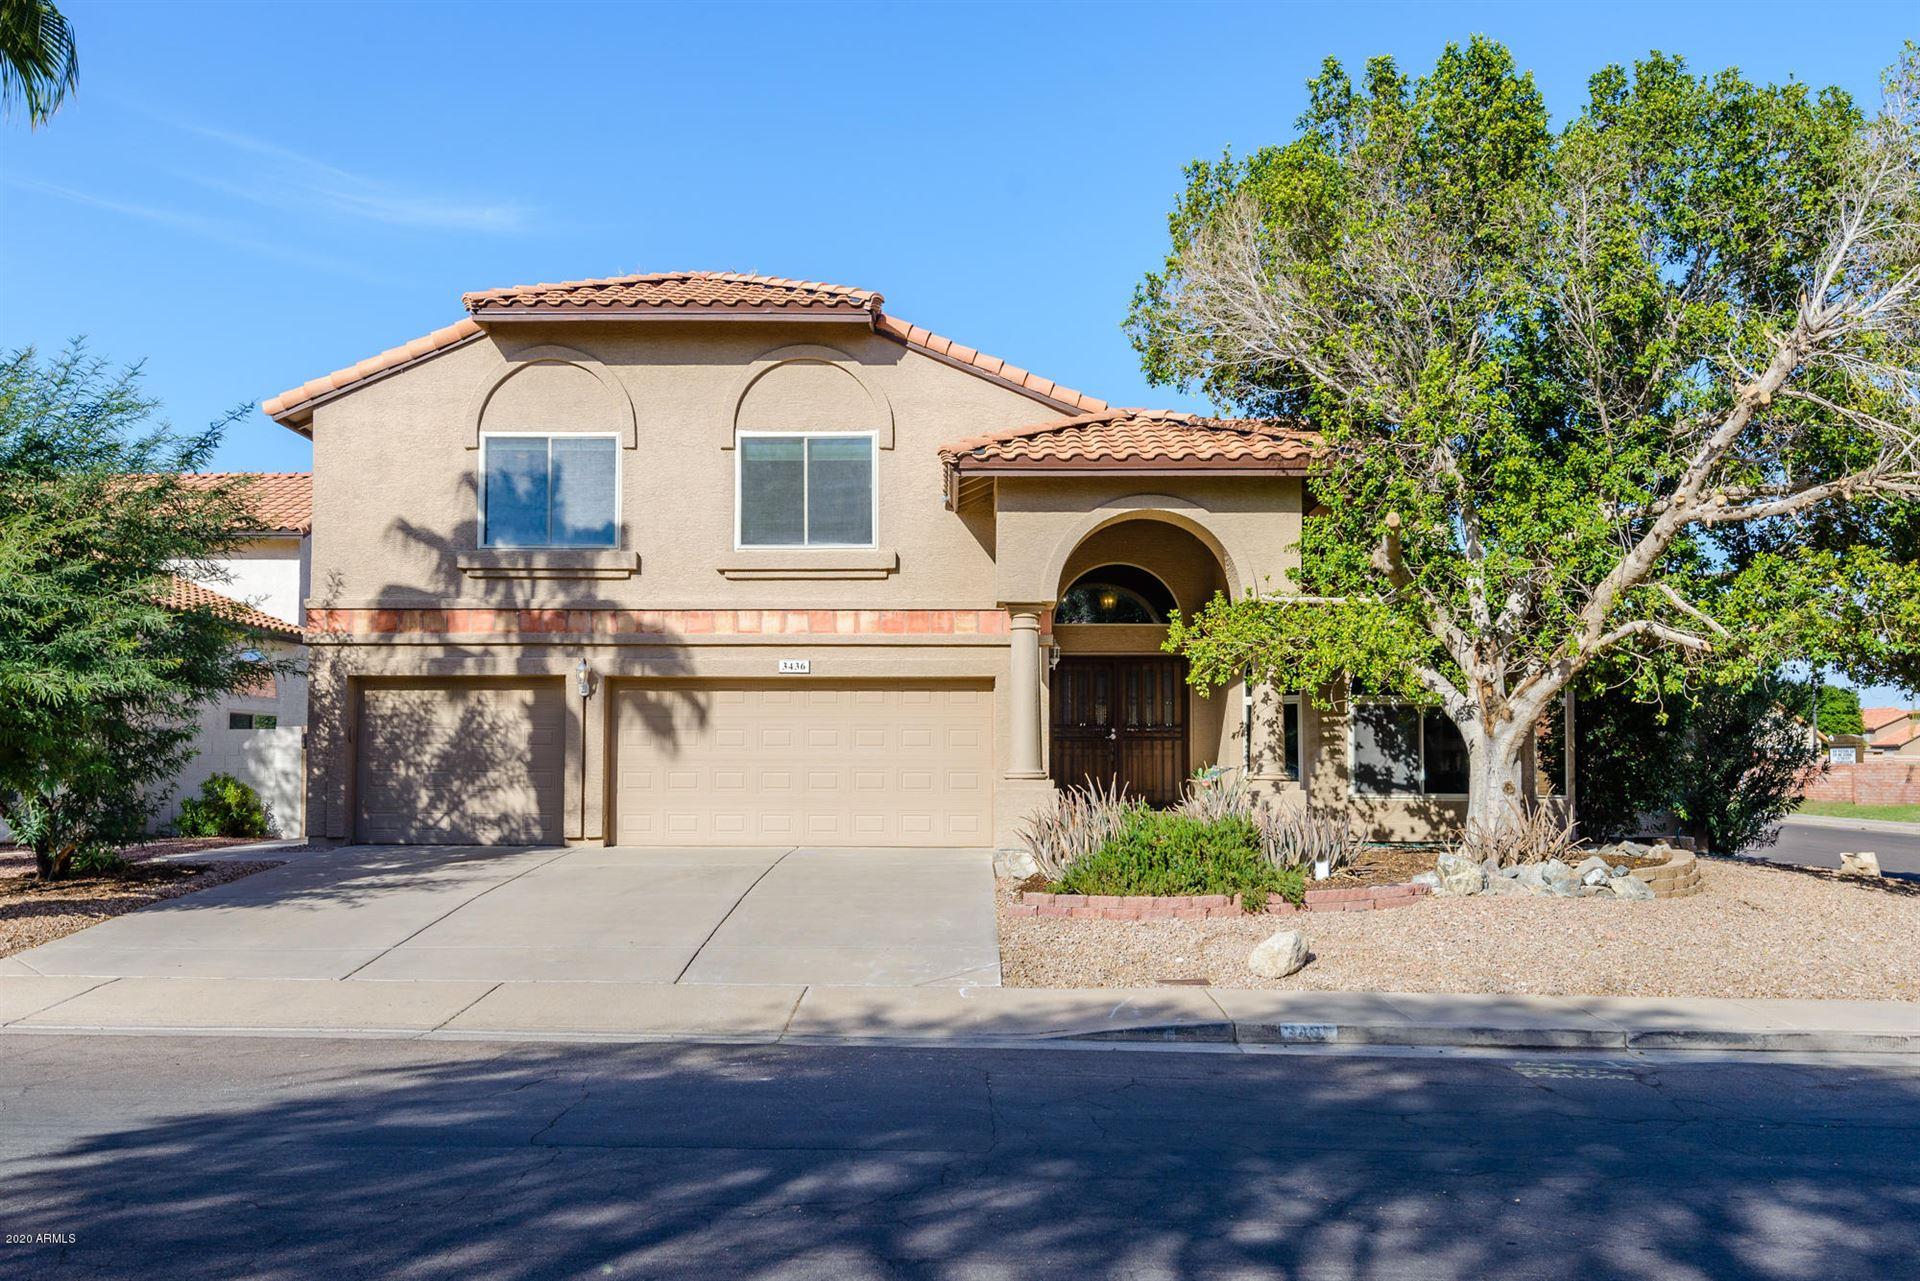 3436 E CEDARWOOD Lane, Phoenix, AZ 85048 - MLS#: 6166454